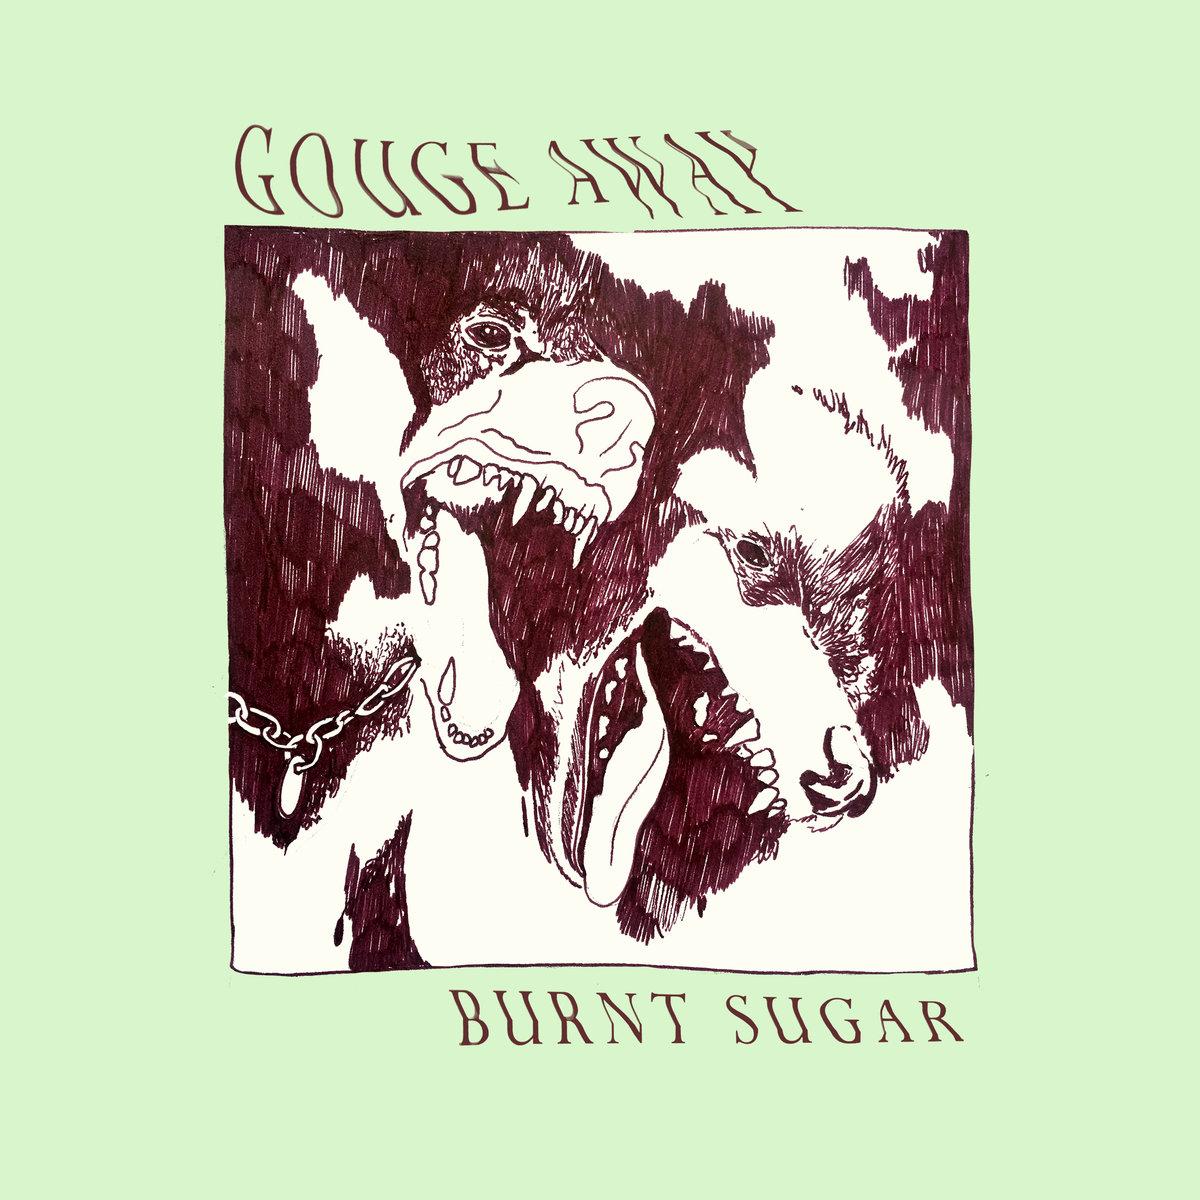 3. Gouge Away - Burnt Sugar